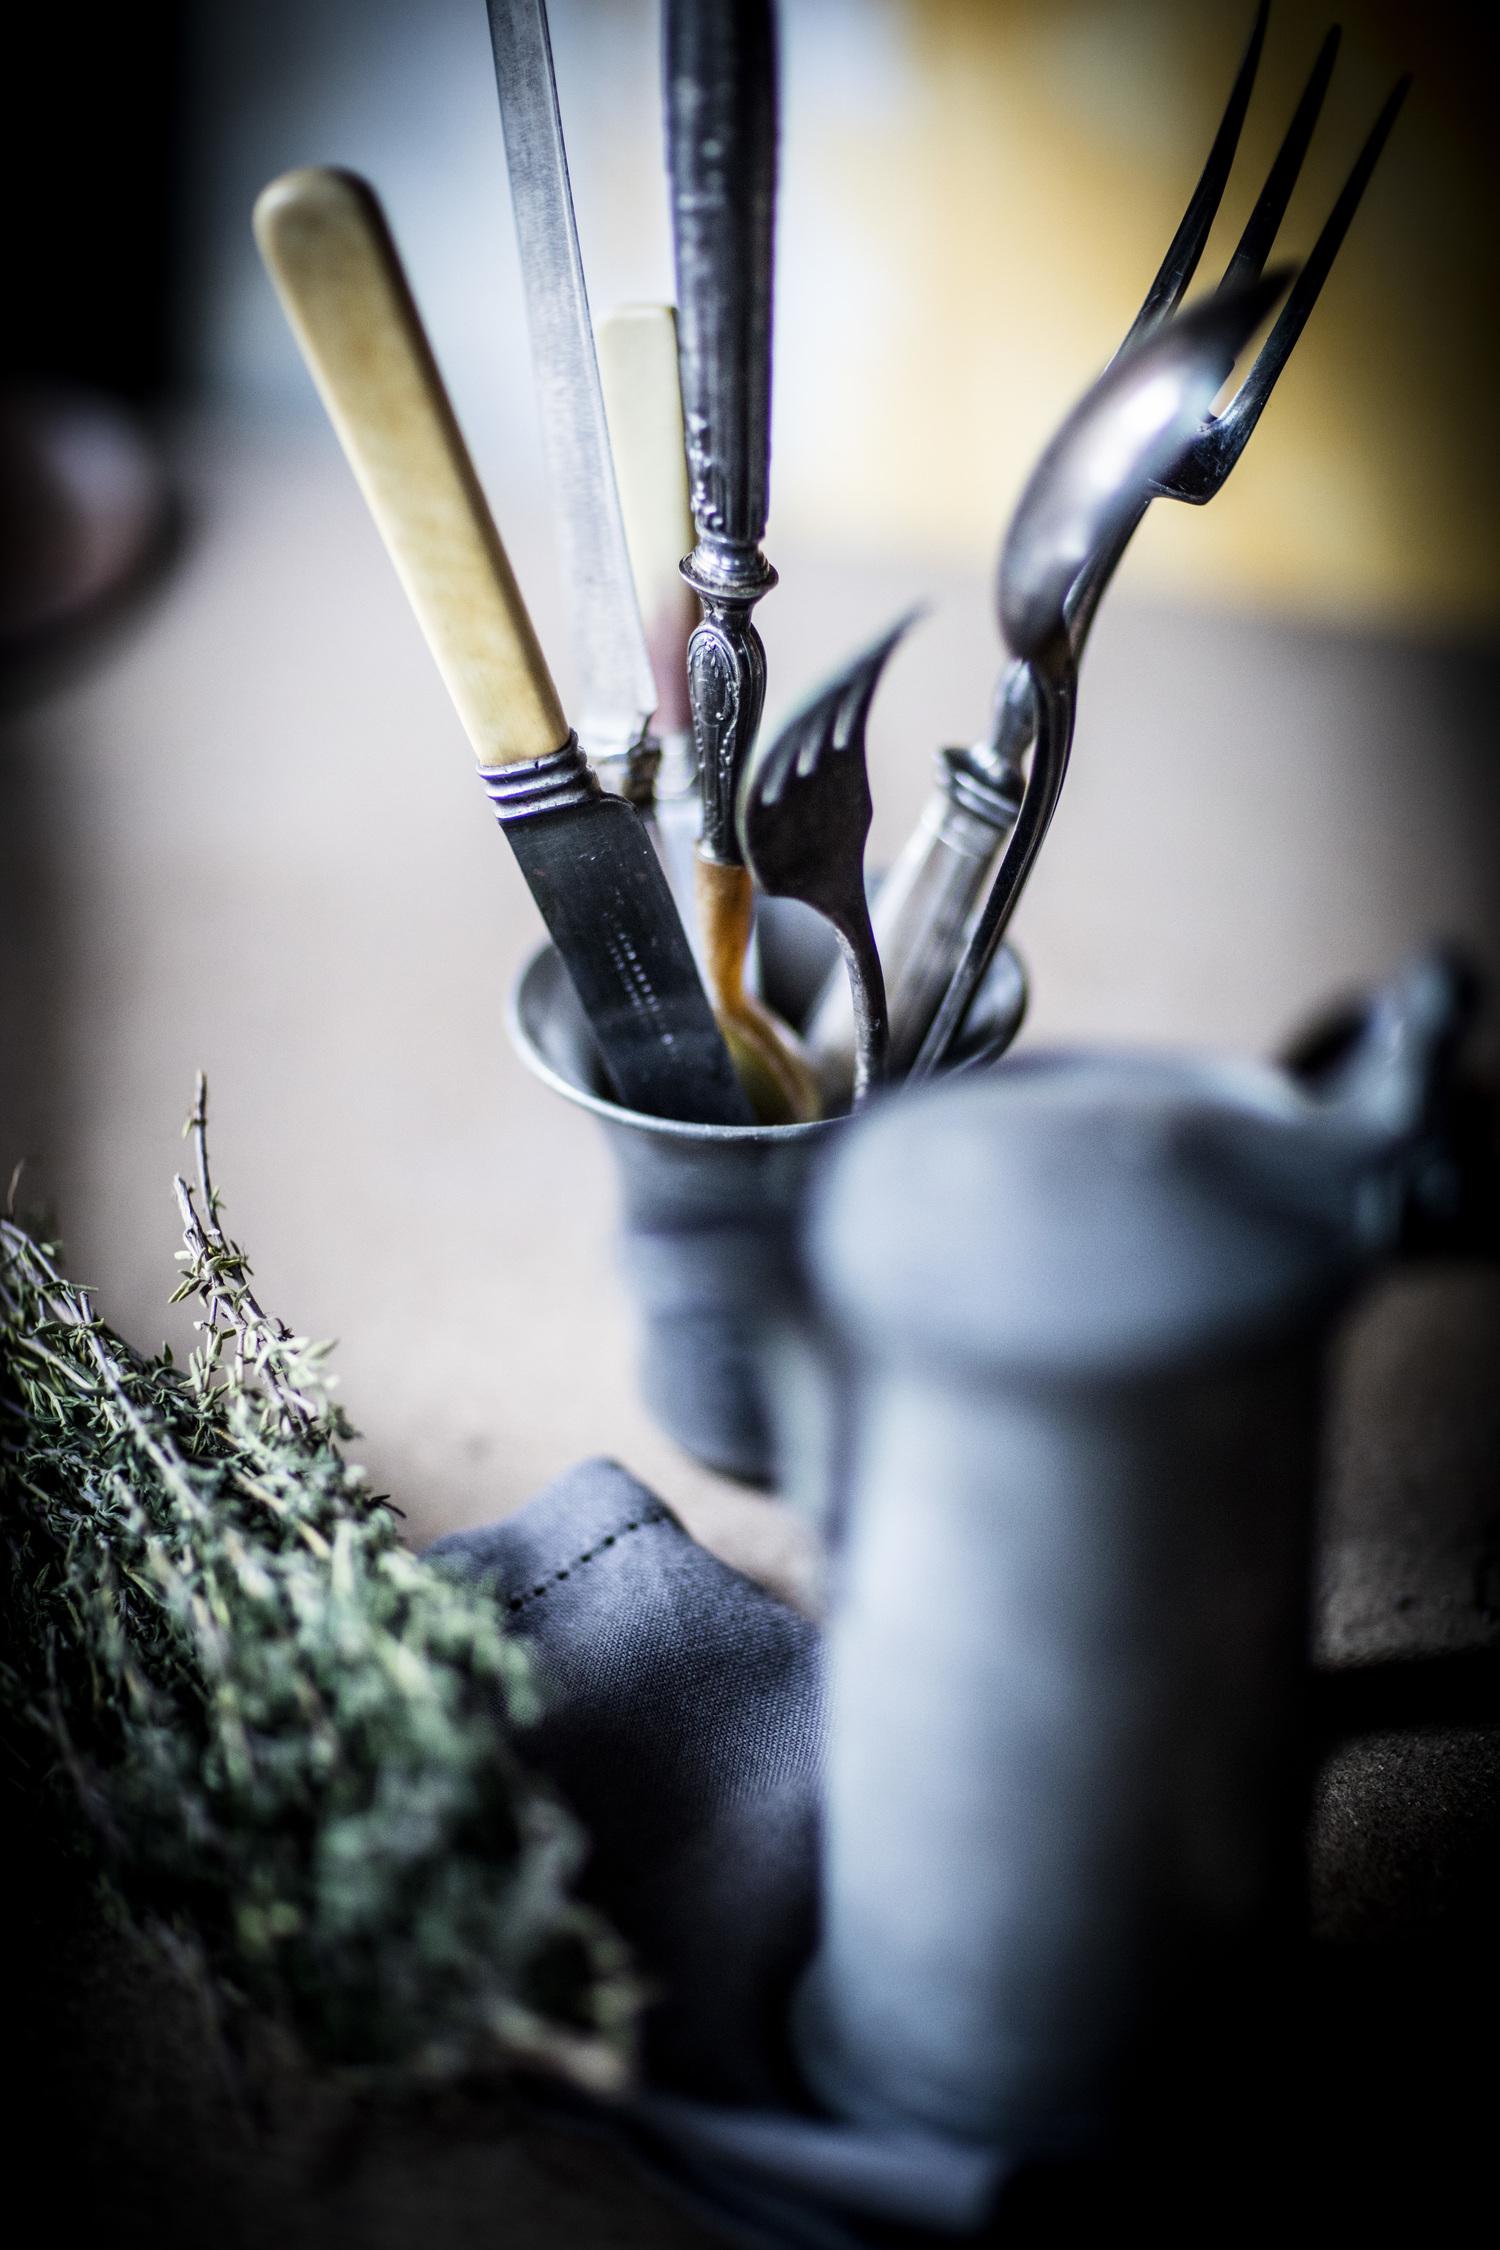 Utensils and Thyme.jpg